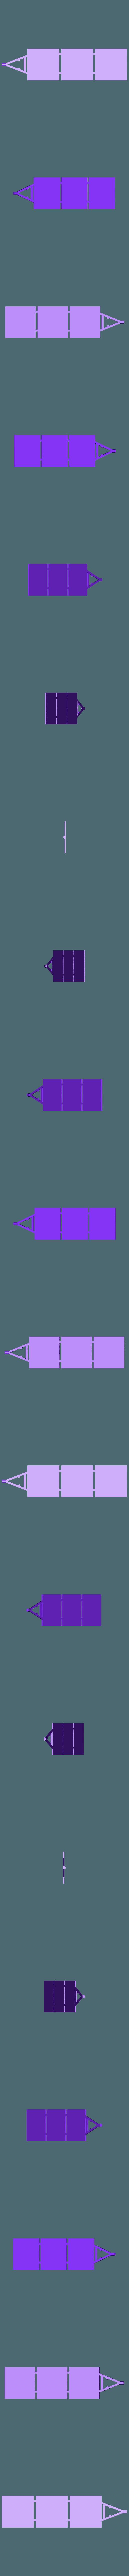 chandrapanel.stl Télécharger fichier STL gratuit Observatoire de rayons X de Chandra • Objet pour impression 3D, Mostlydecaf